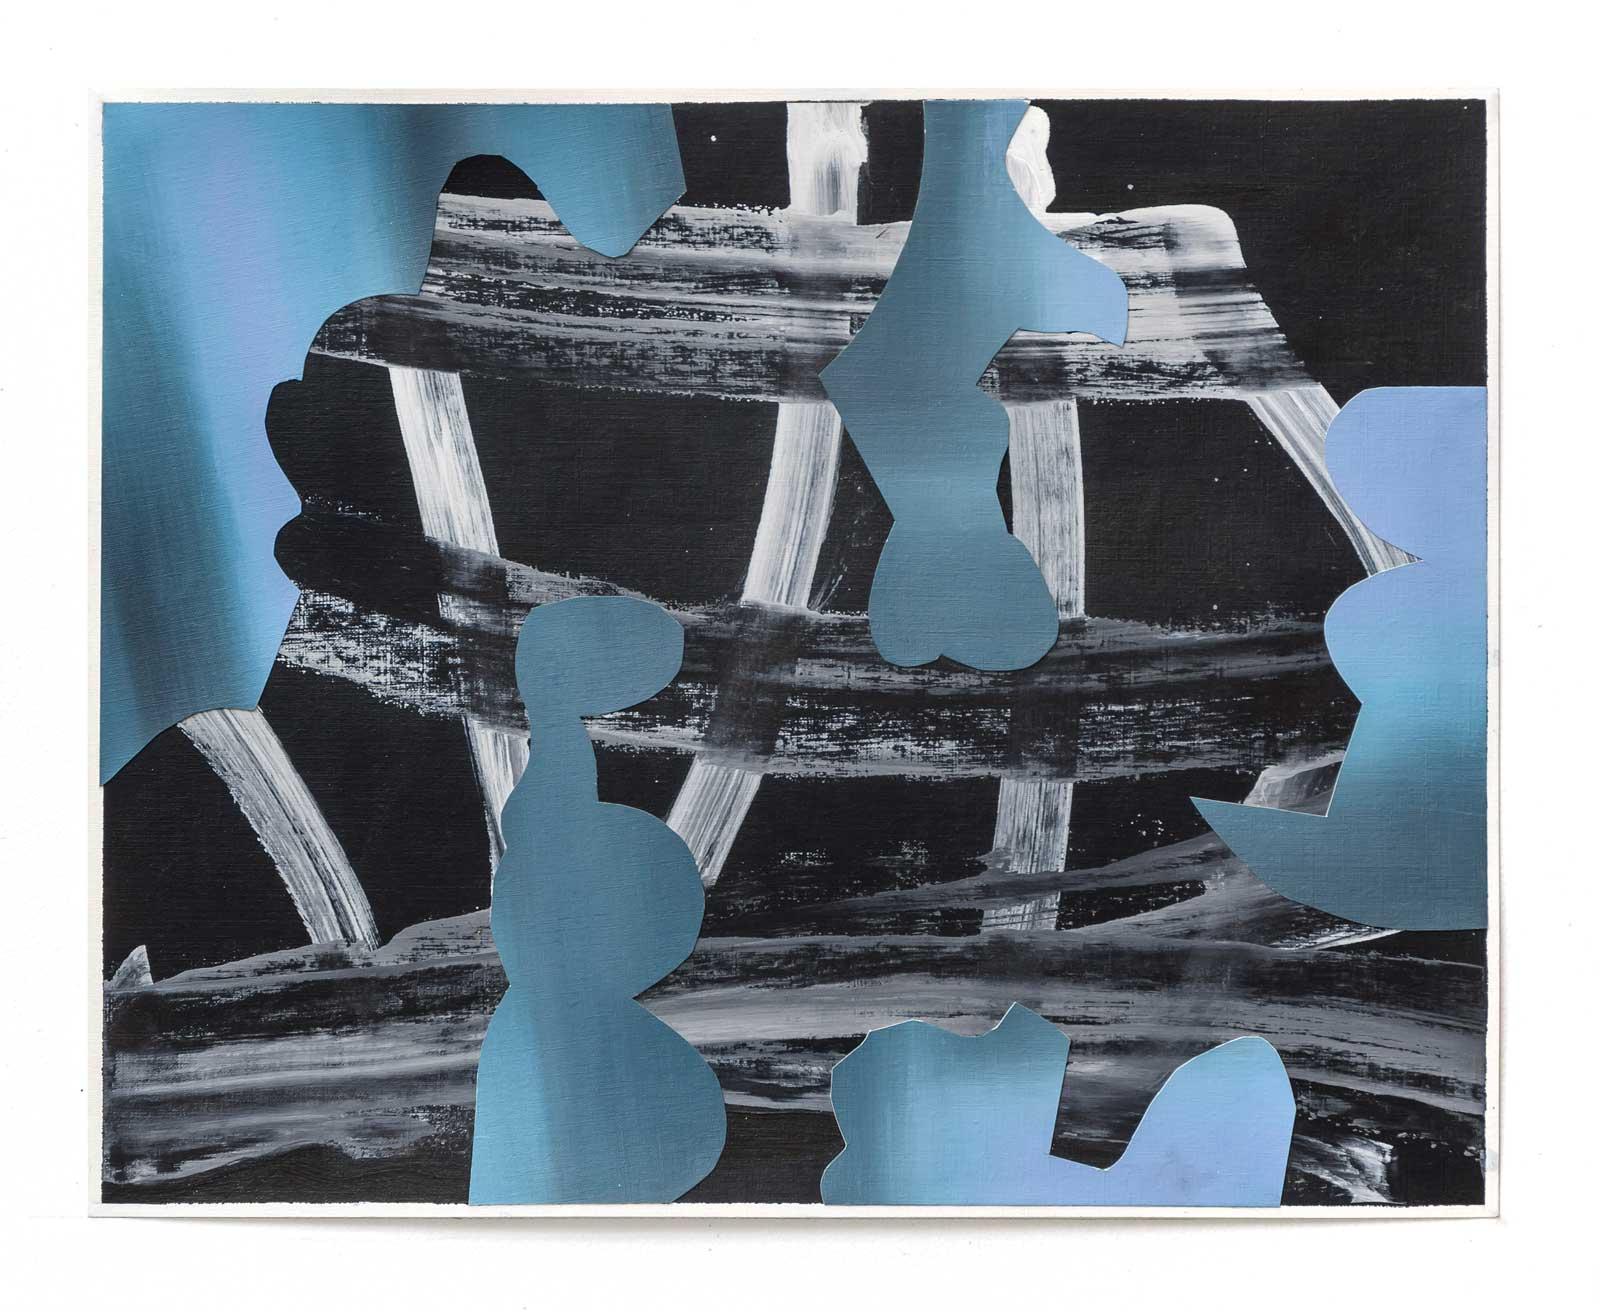 Objets-Obscurs-2-collage-paper-45.72 cm x 60.96 cm.